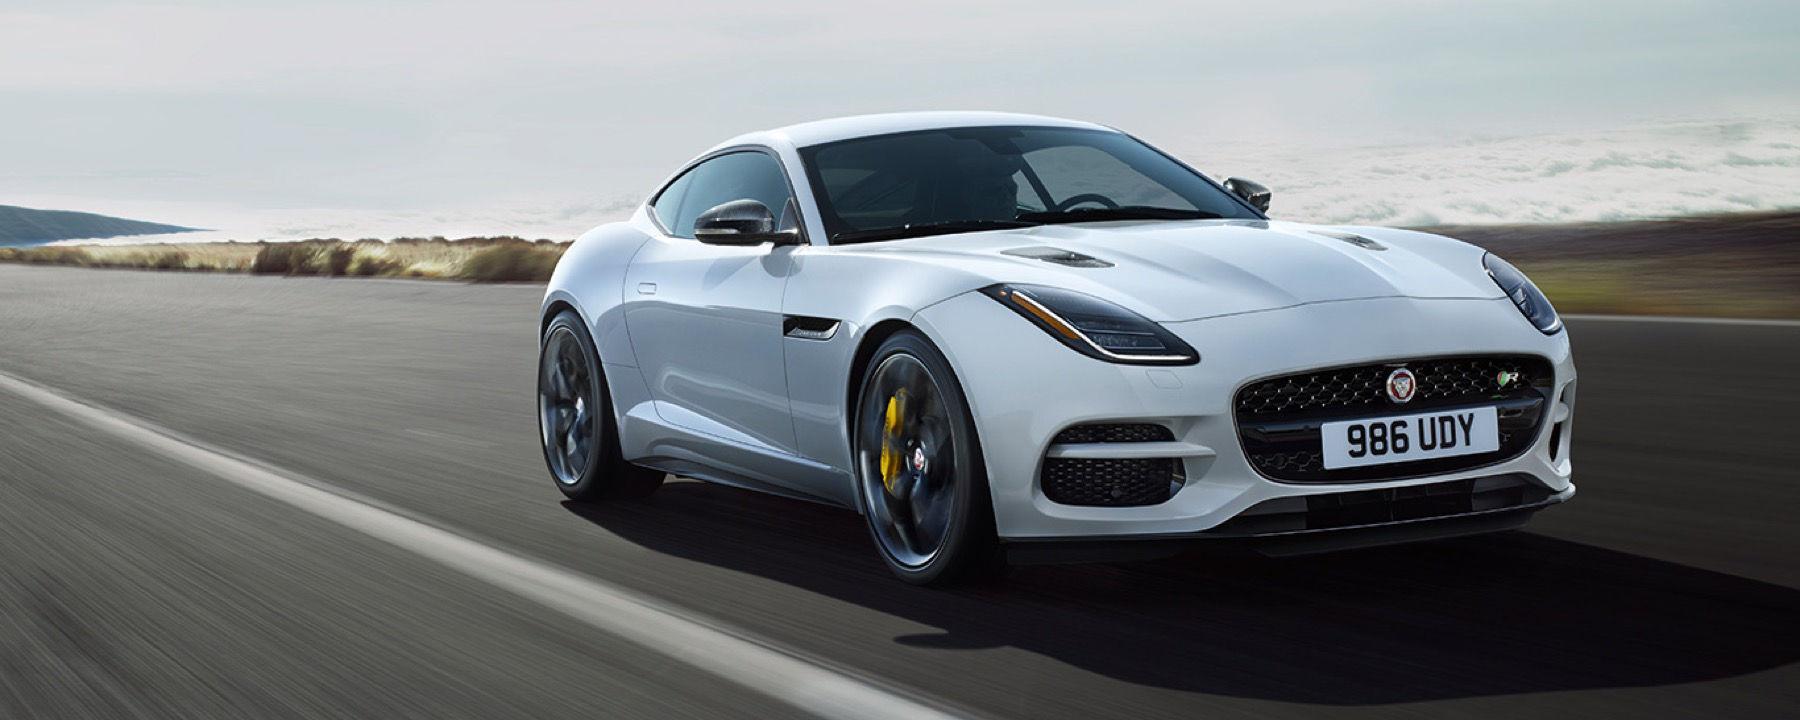 Jaguar kategorisi için resim